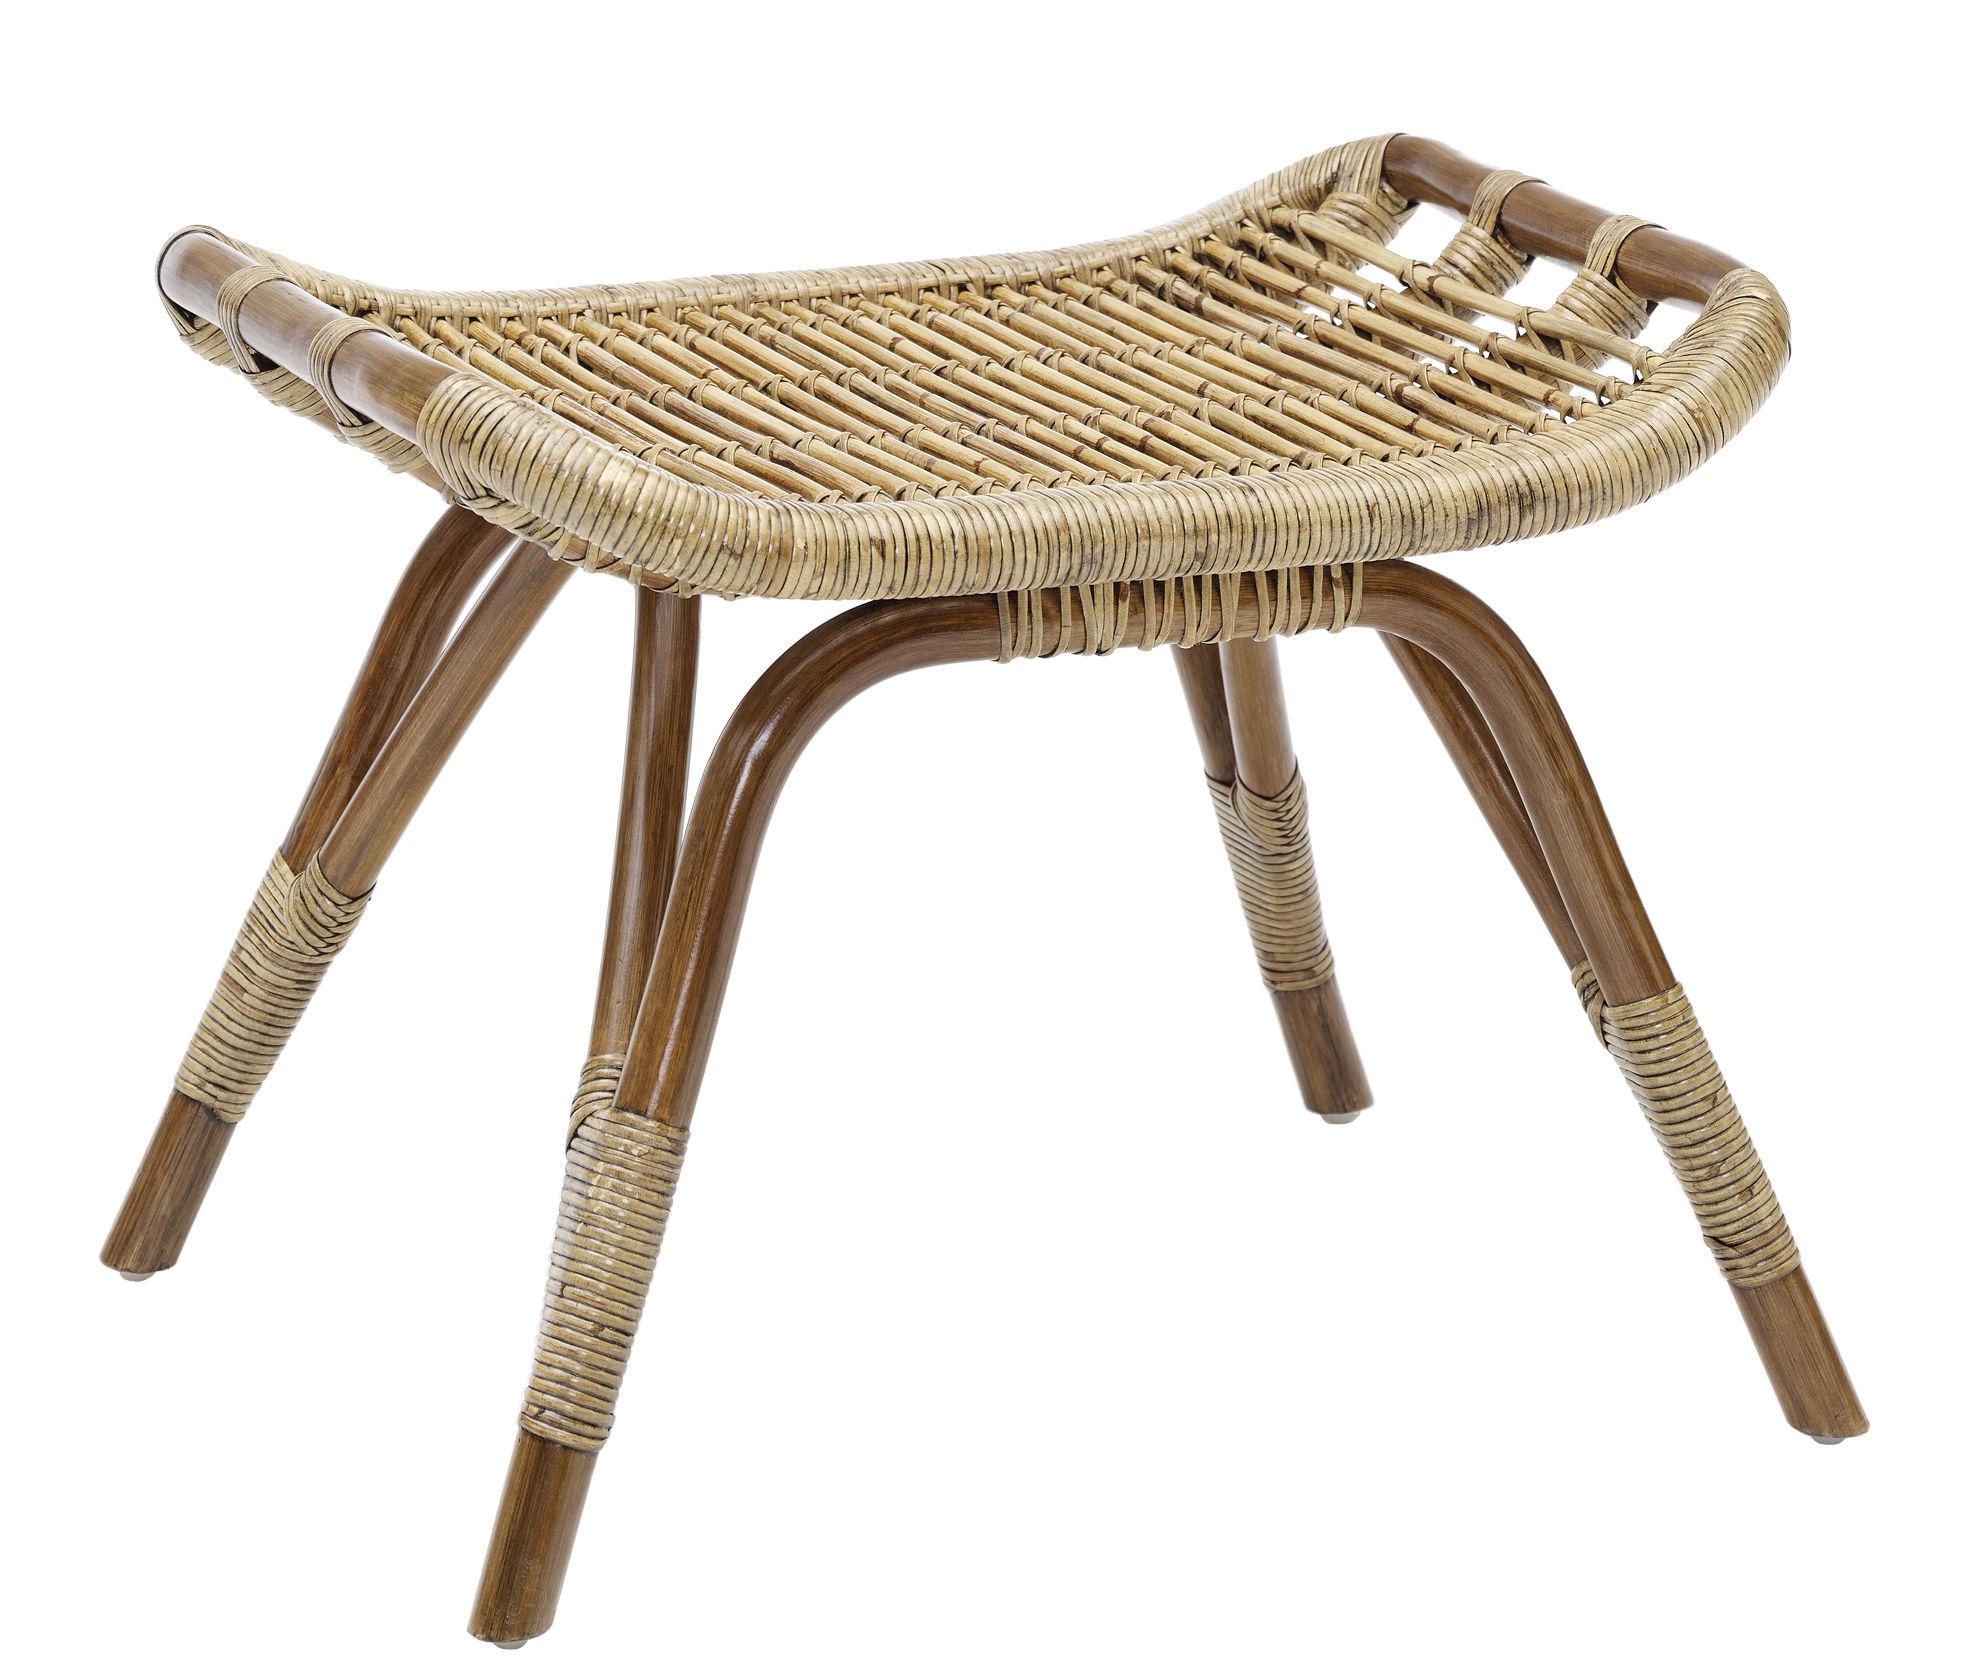 Furniture - Poufs & Floor Cushions - Monet Pouf - Footrest by Sika Design - Antique - Rattan